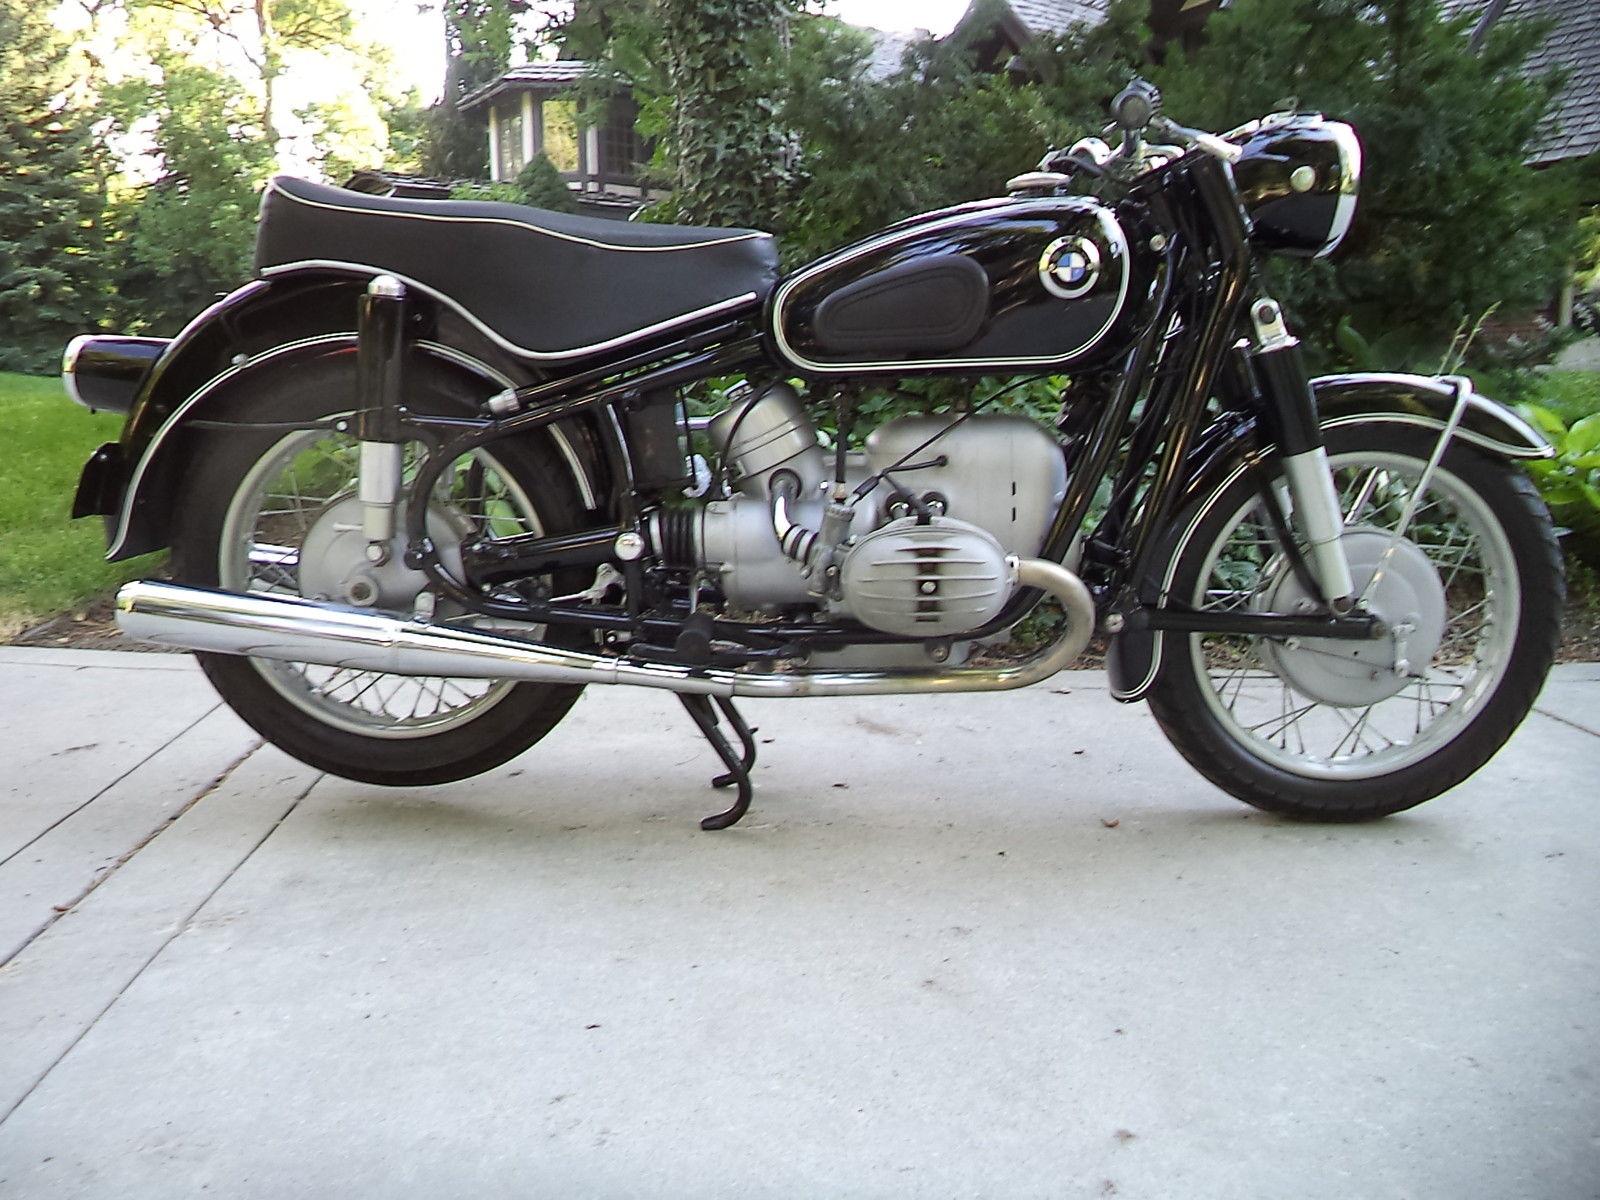 BMW R50/2 - 1969